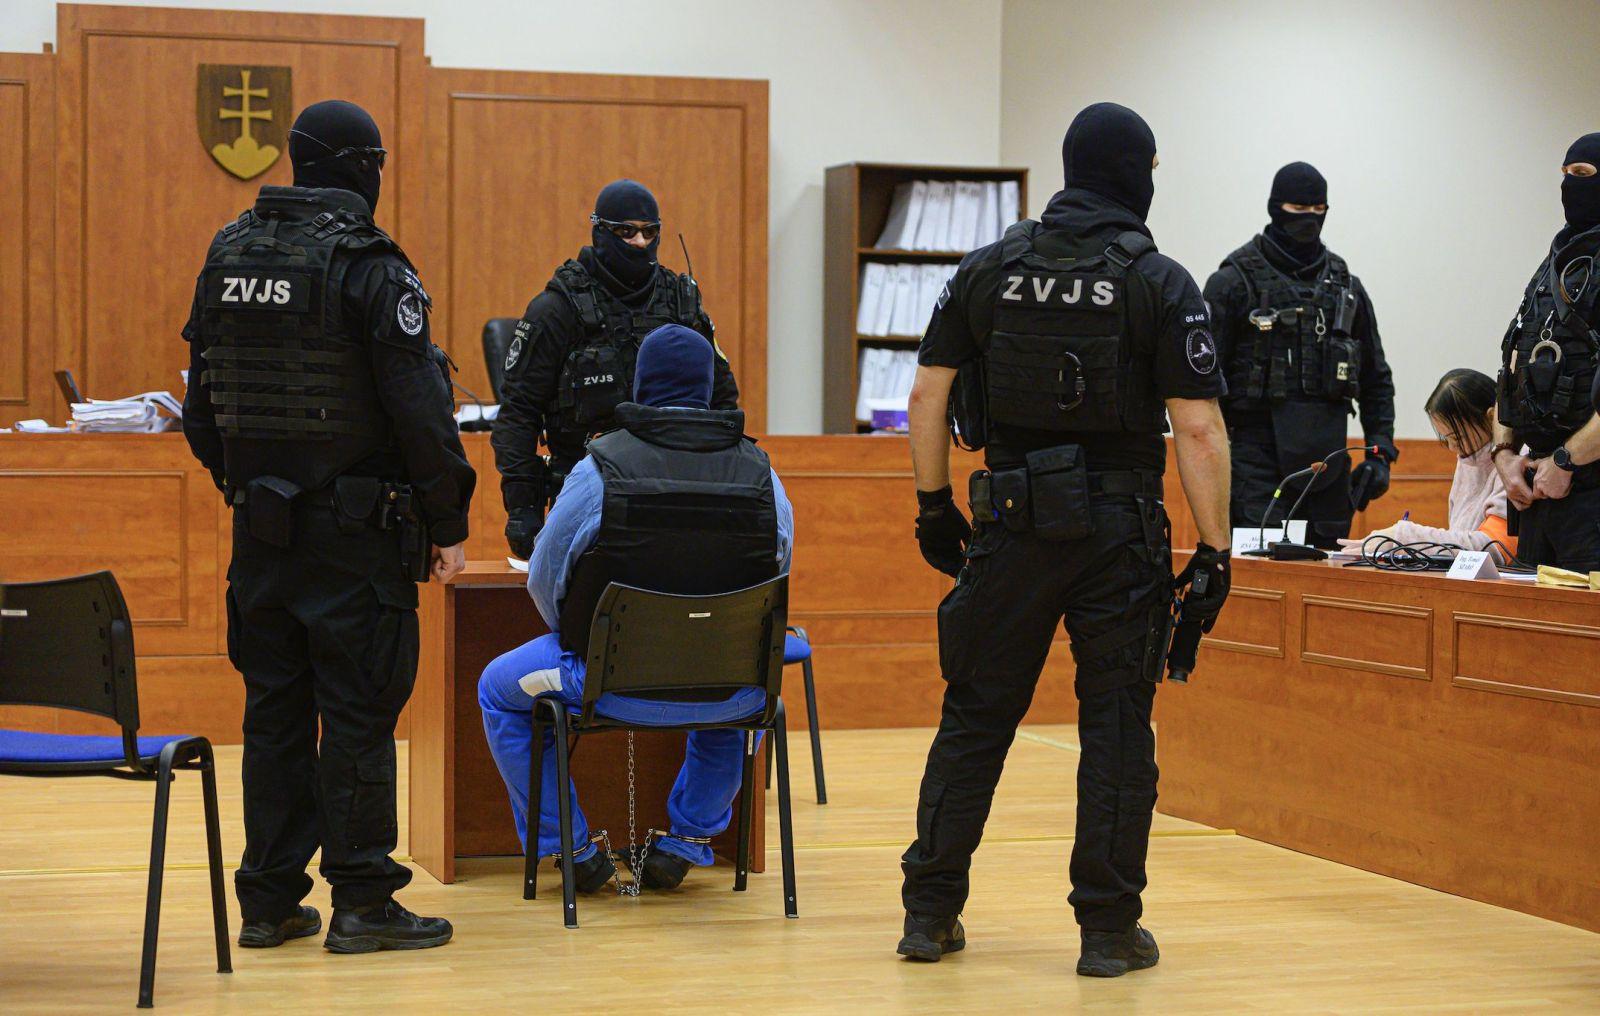 Hlavné pojednávanie v kauze vraždy novinára Jána Kuciaka a jeho družky Martiny Kušnírovej na Špecializovanom trestnom súde v Pezinku, 14. januára 2020. Na snímke svedok Zoltán Andruskó (sediaci)